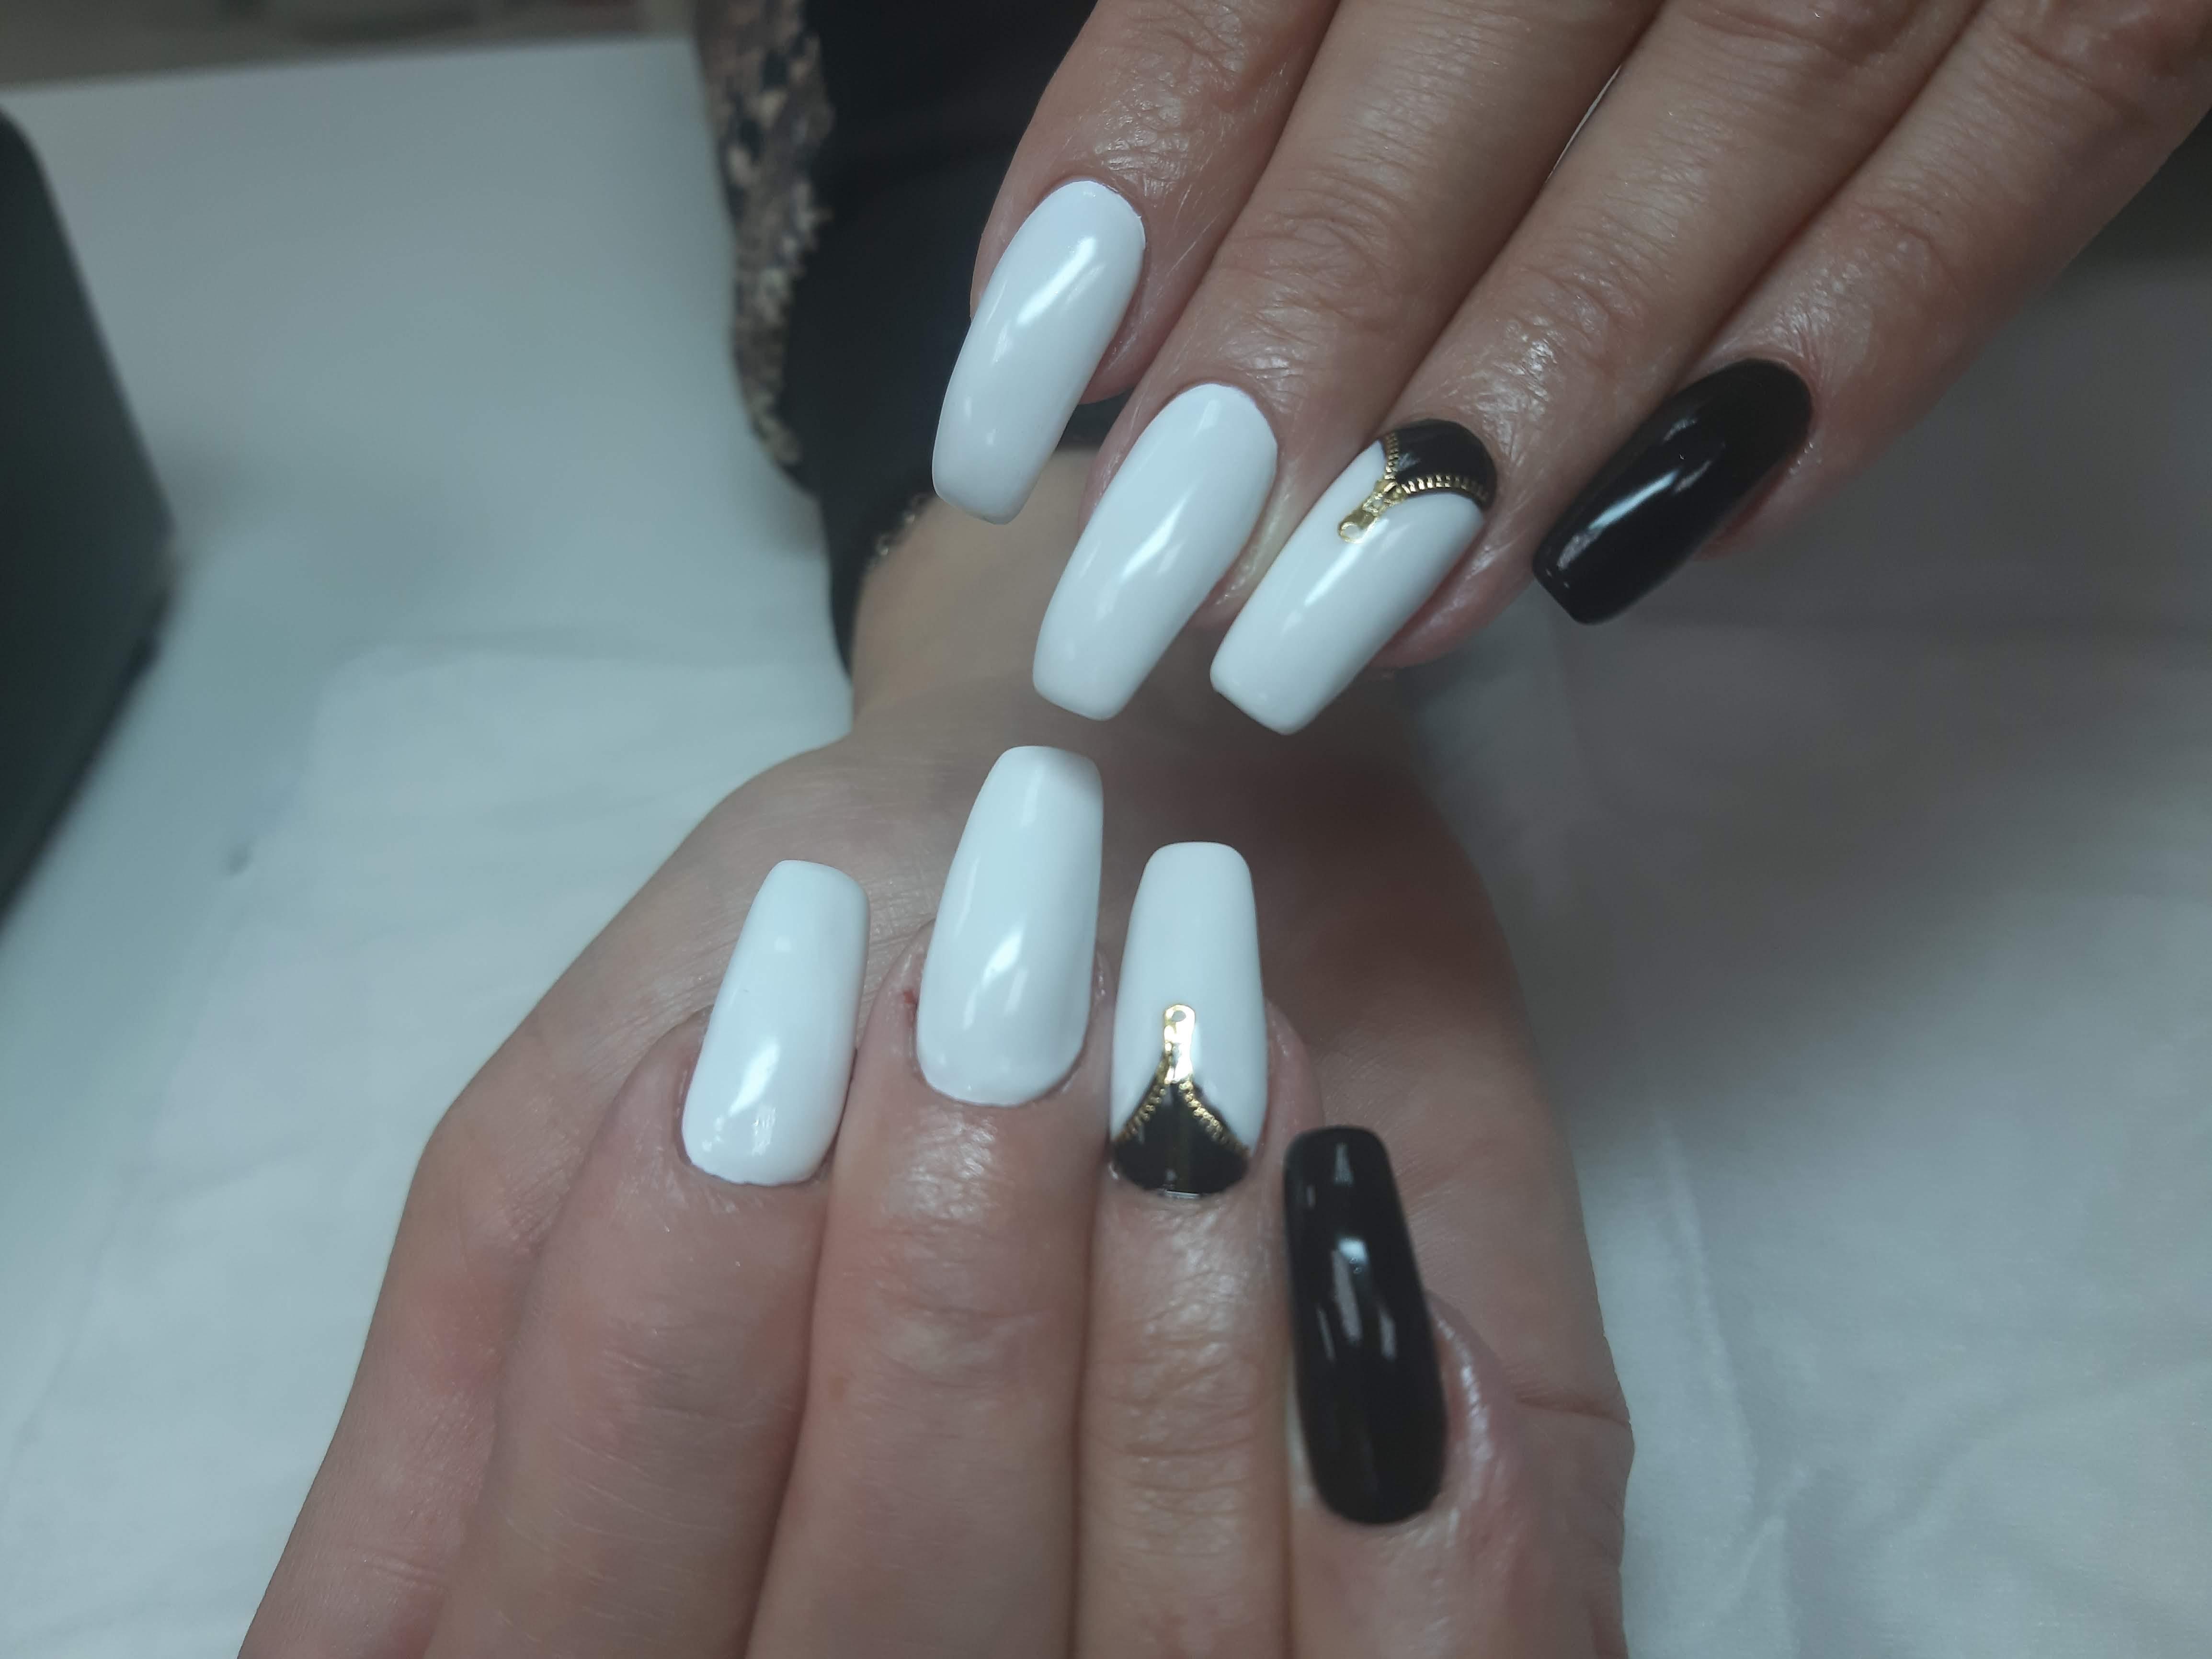 Маникюр с трендовыми слайдерами в белом цвете.